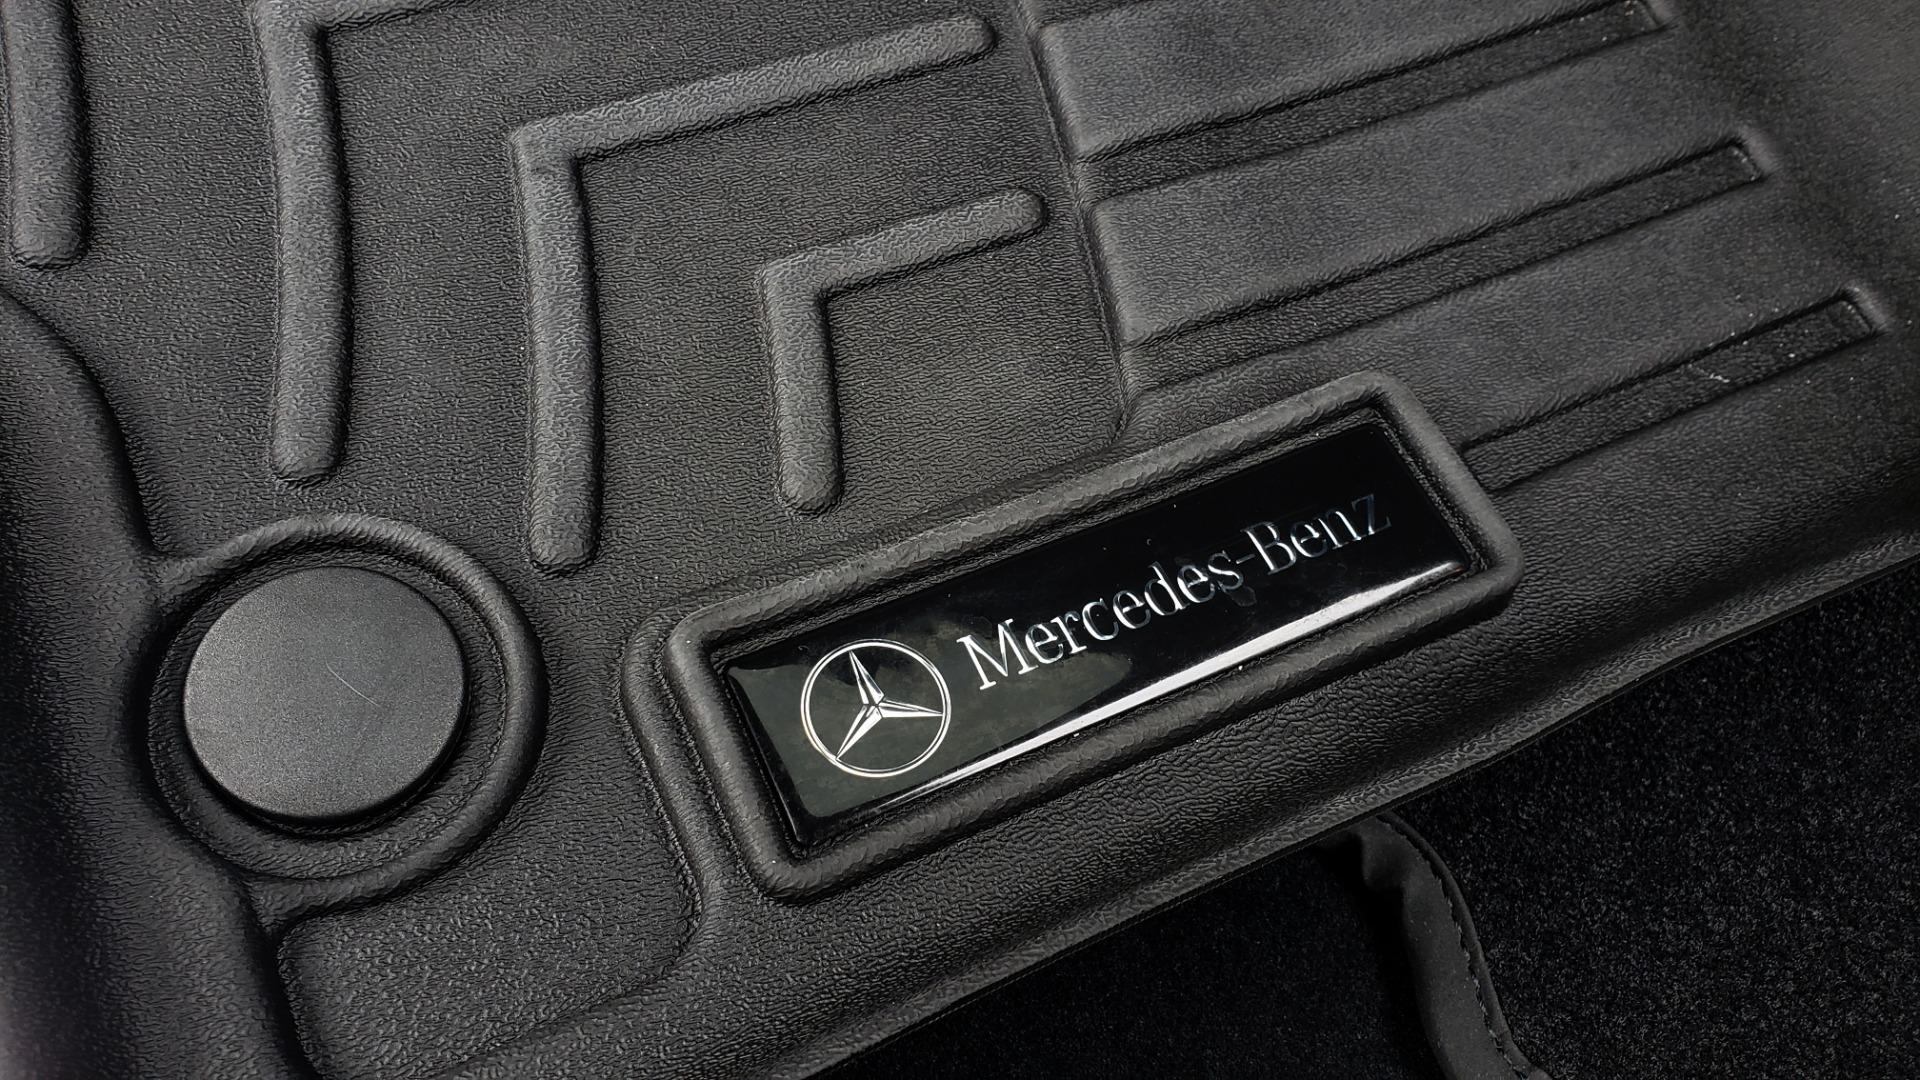 Used 2016 Mercedes-Benz GLE 450 AMG / AWD / PREM PKG / PARK ASST / DRVR ASST / SUNROOF for sale Sold at Formula Imports in Charlotte NC 28227 18